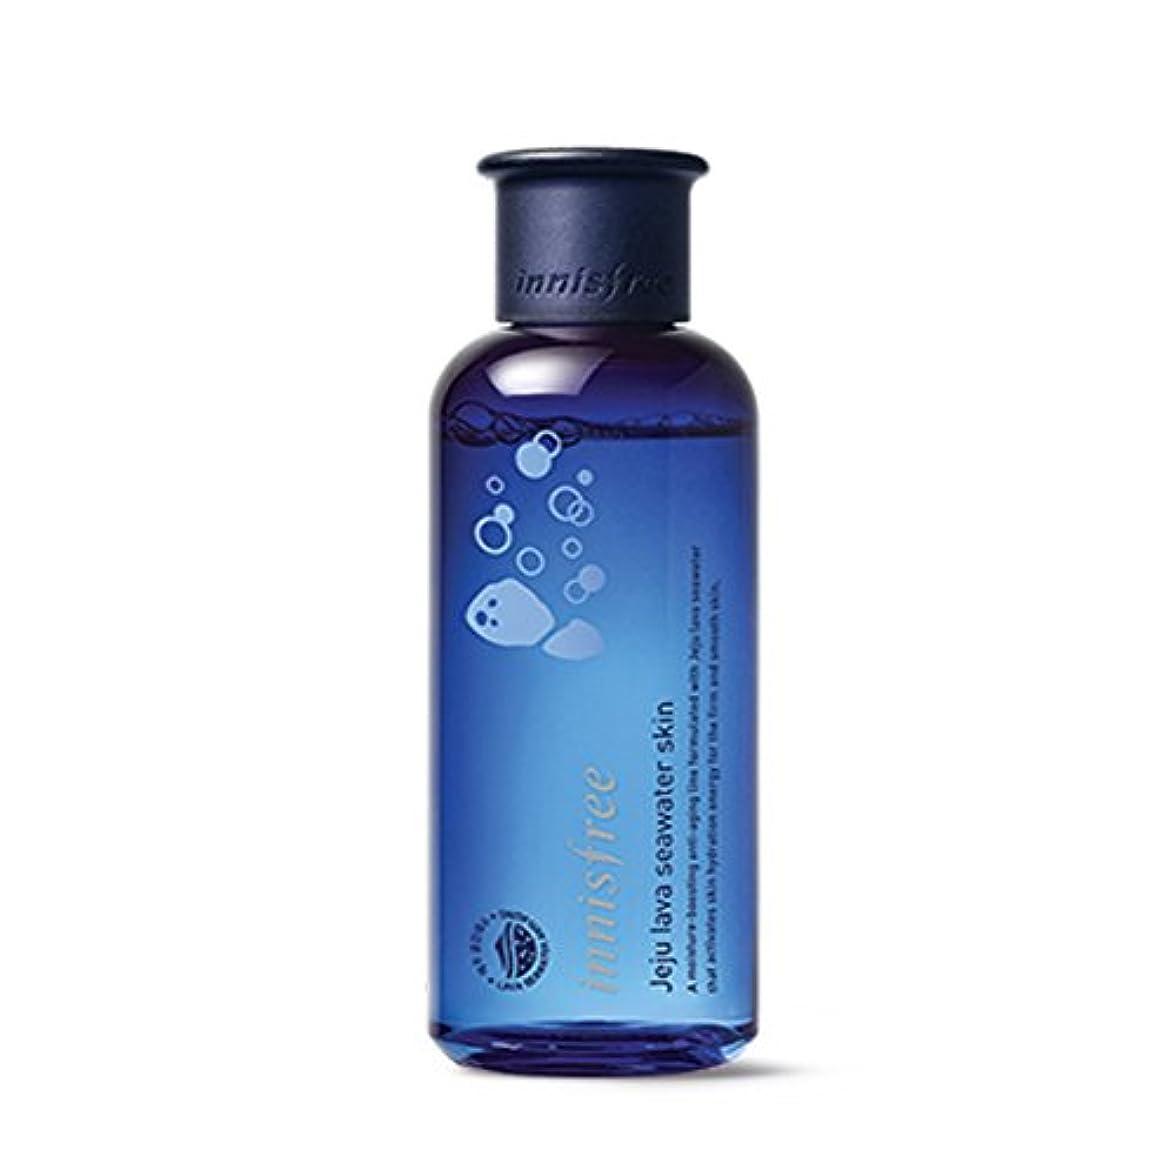 失態普通に対応イニスフリージェジュラブシーウォータースキン(トナー)200ml Innisfree Jeju Lava Seawater Skin(Toner) 200ml [外直送品][並行輸入品]